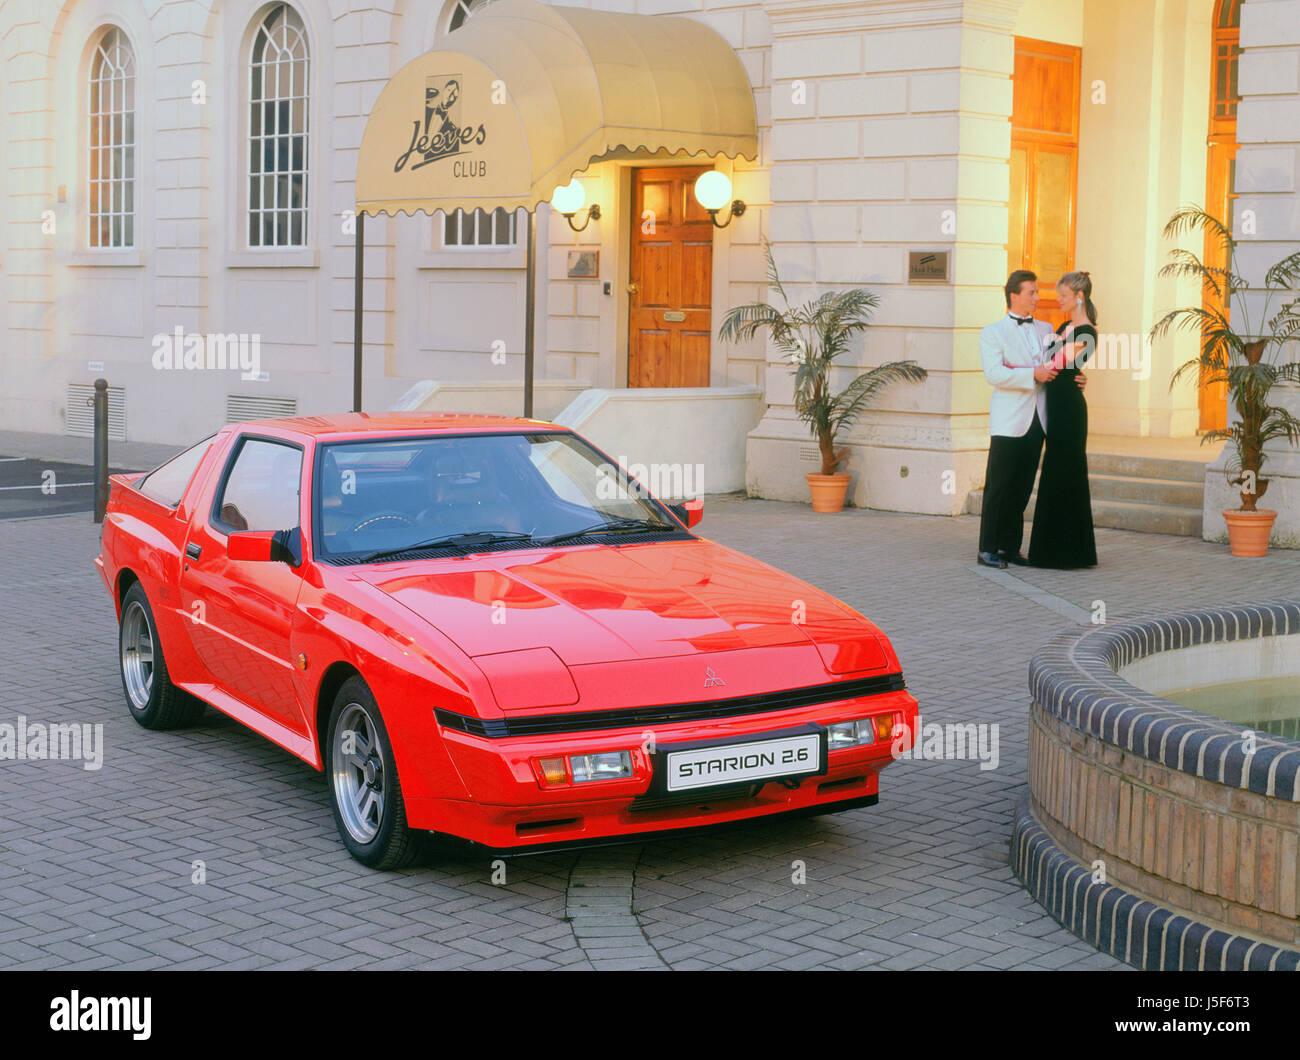 1989-Mitsubishi Starion 2,6 Stockbild